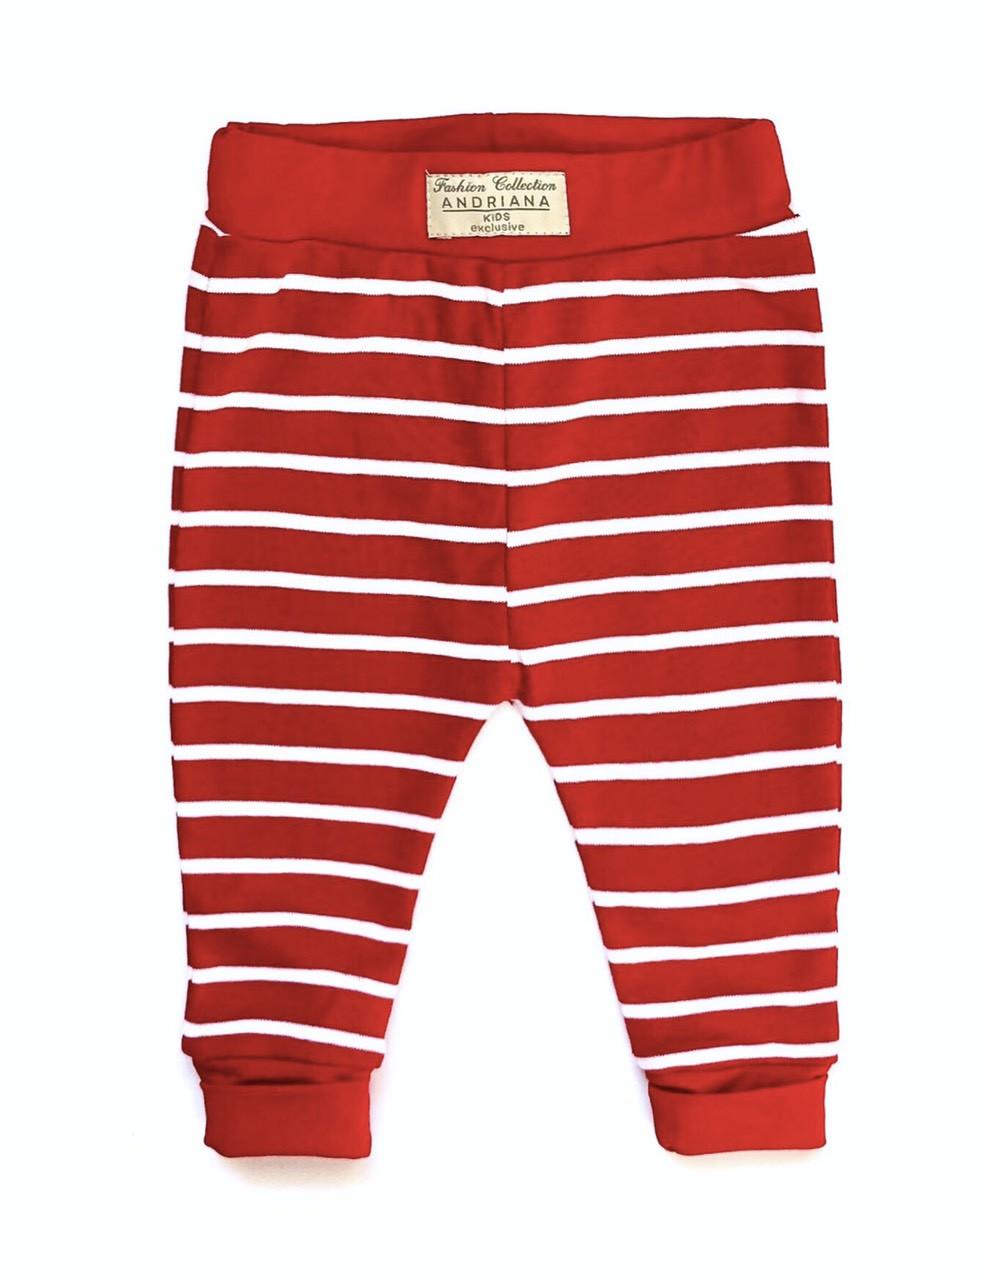 Детские штанишки от 0 до 4 лет Andriana Kids красные в белую полоску